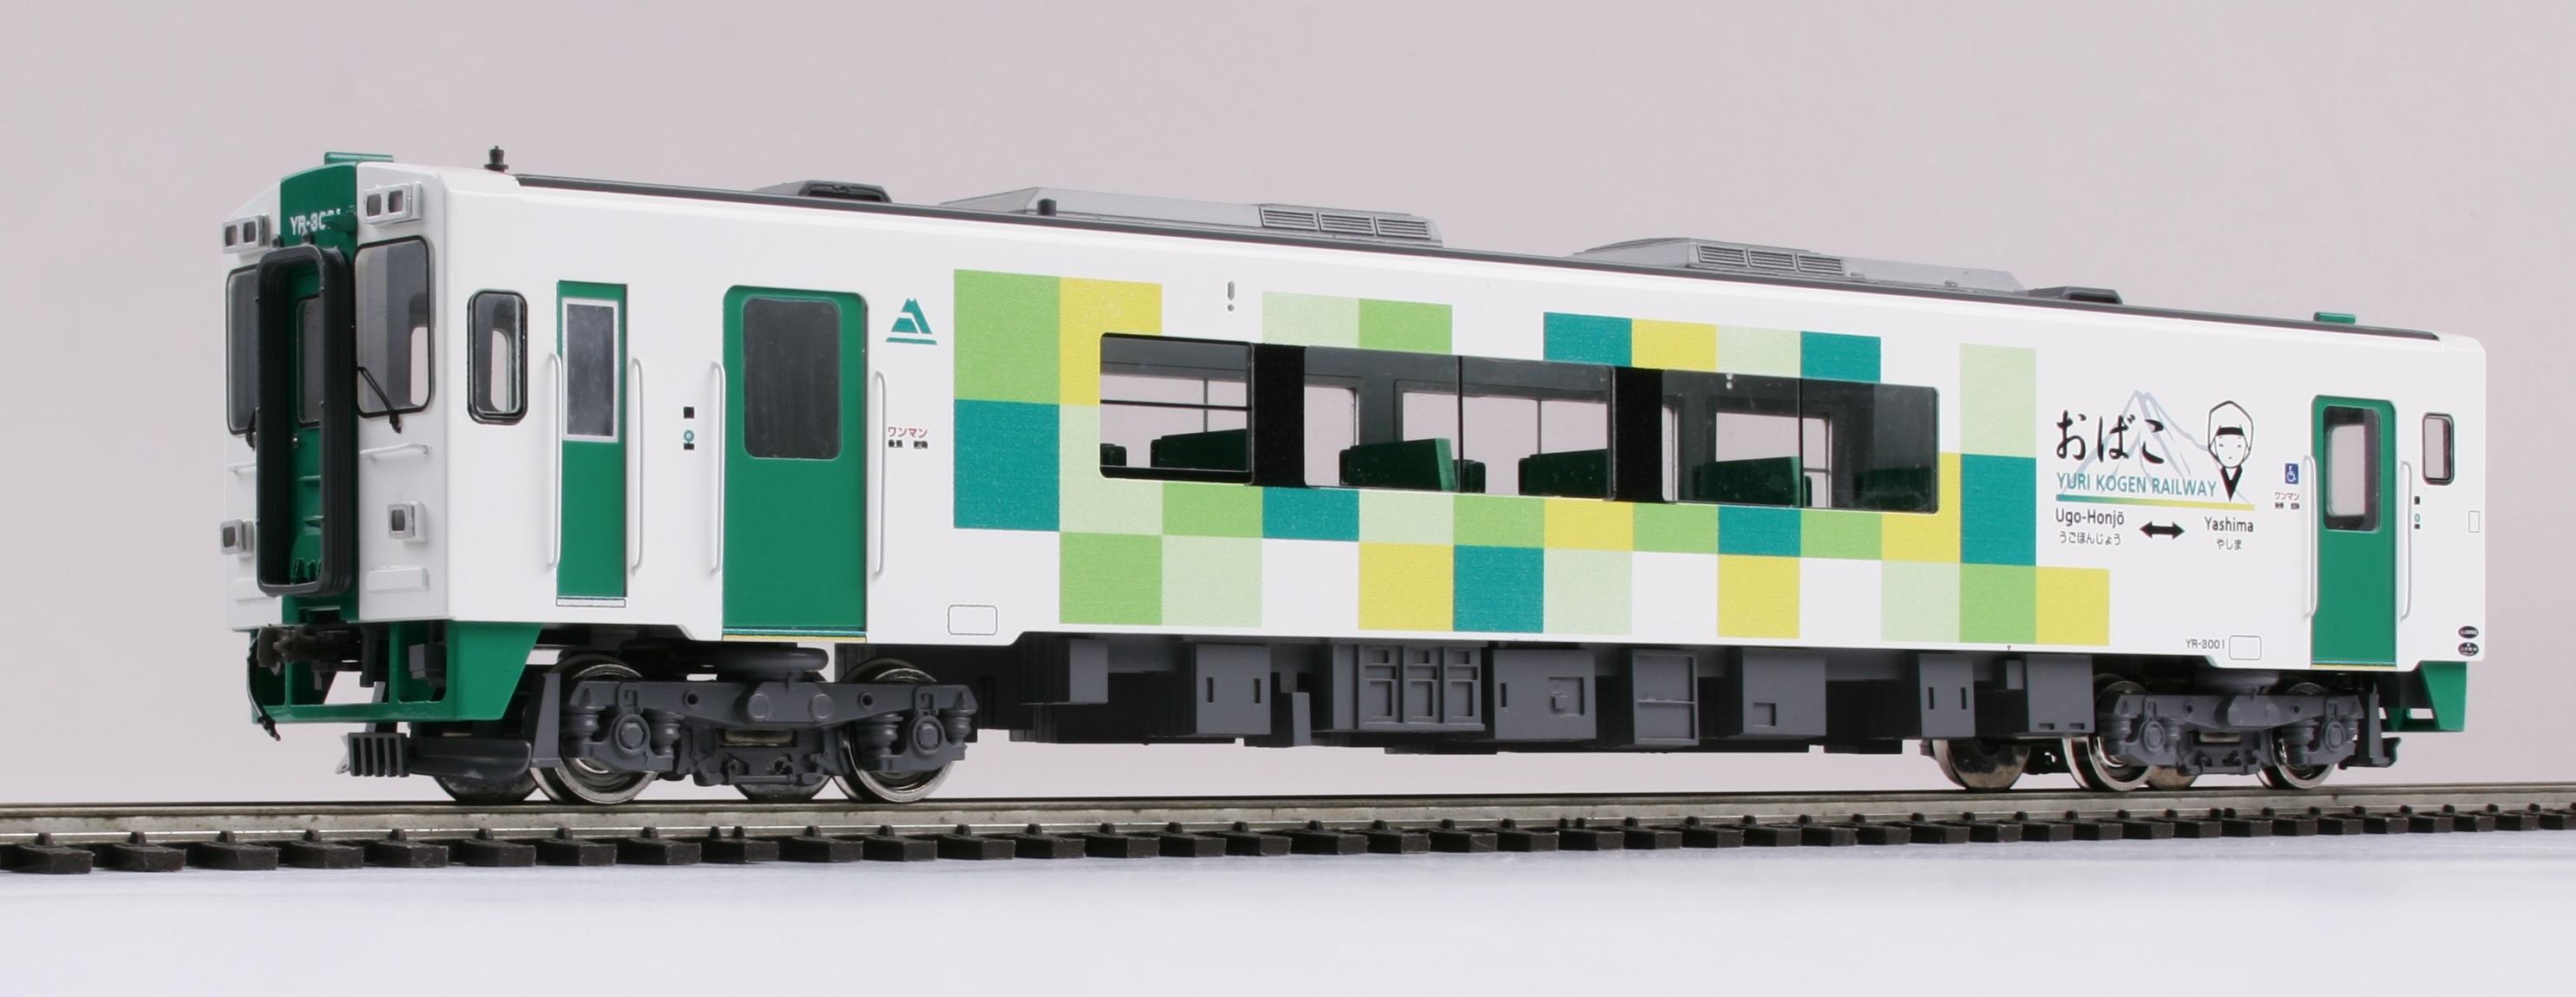 YR3001の鉄道模型